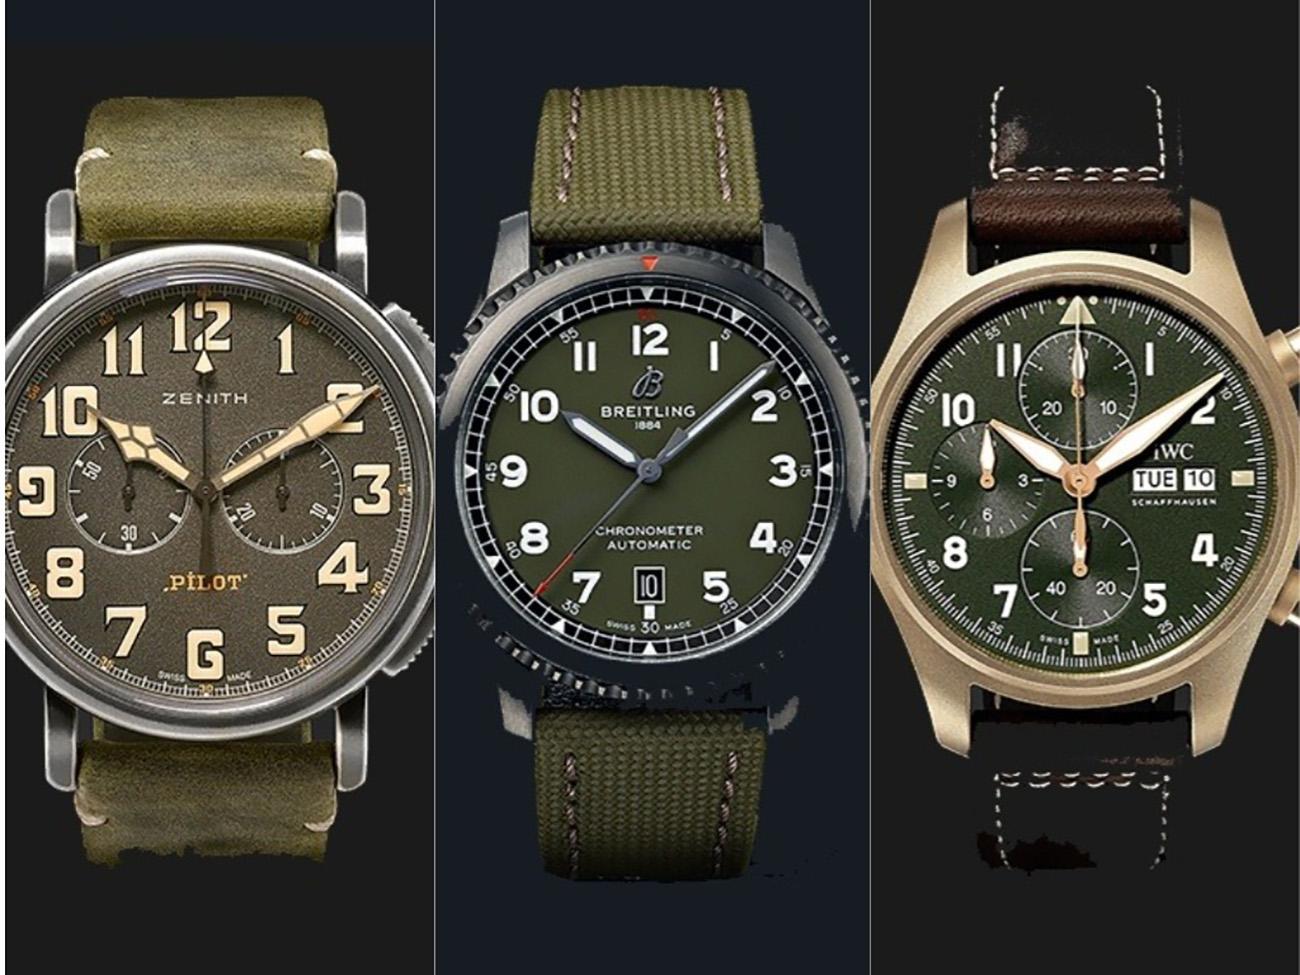 5 στιβαρά ρολόγια με military στυλ που αξίζει να επενδύσεις